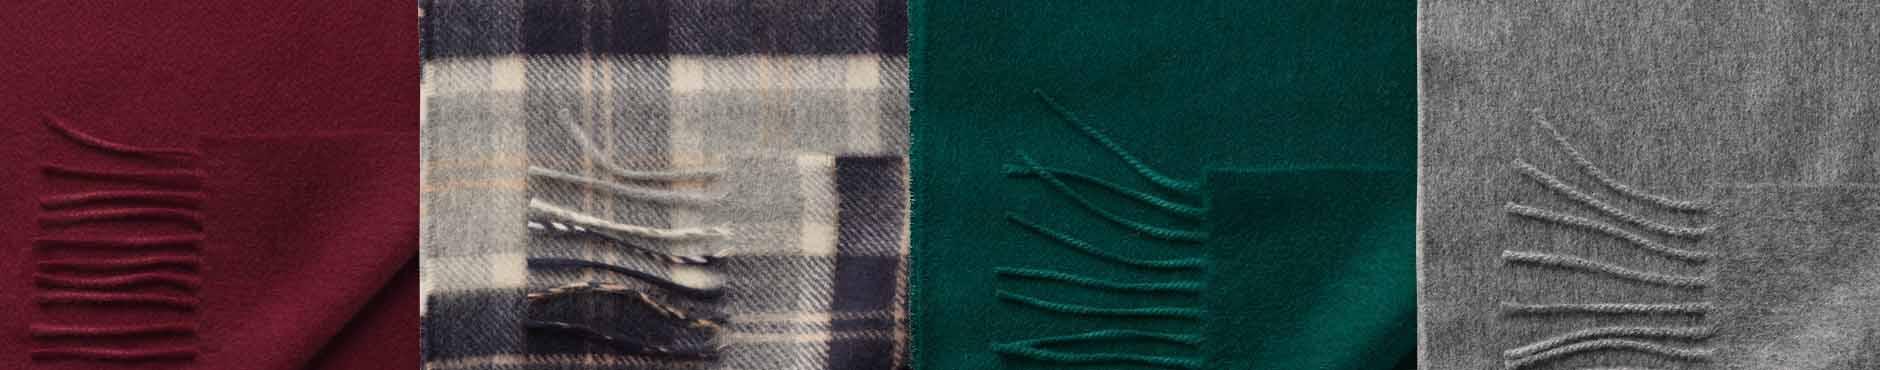 Charles Tyrwhitt scarves